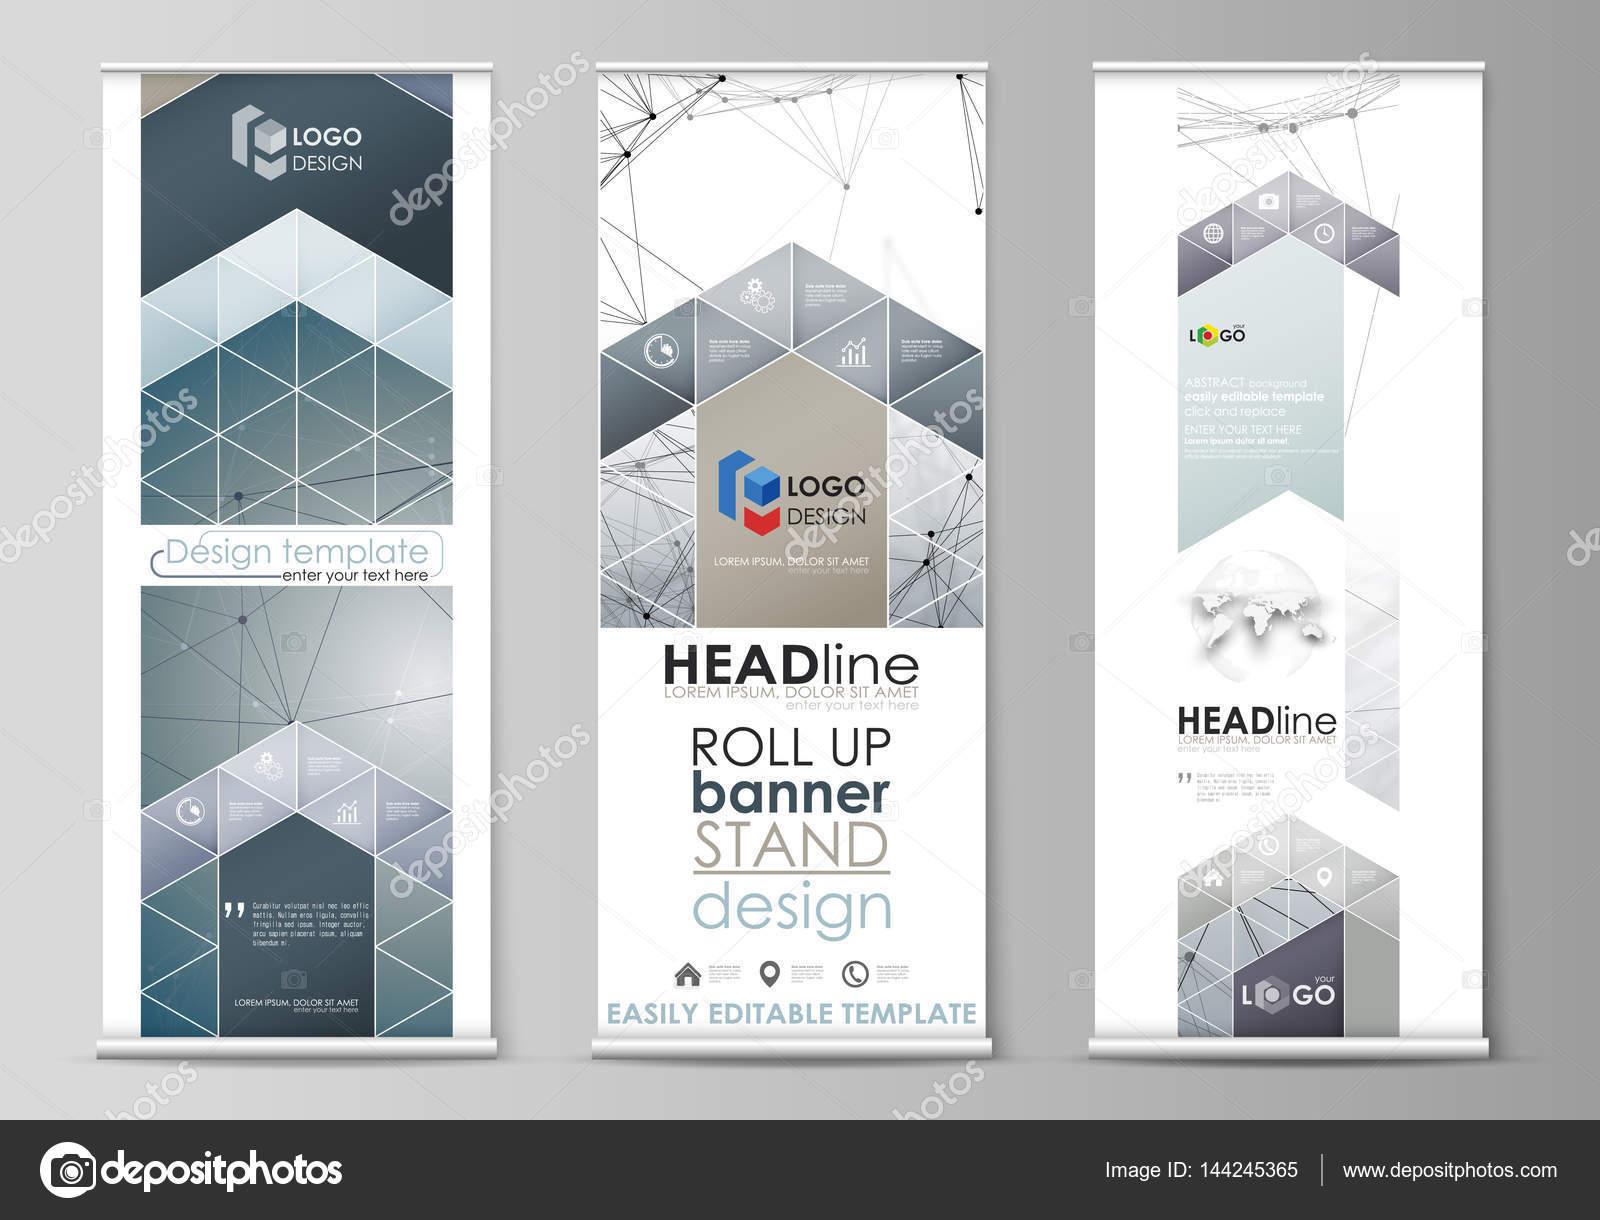 roll up banner steht abstrakte geometrische muster unternehmenskonzept corporate senkrechten vektor flyer - Rentabilittsvorschau Muster